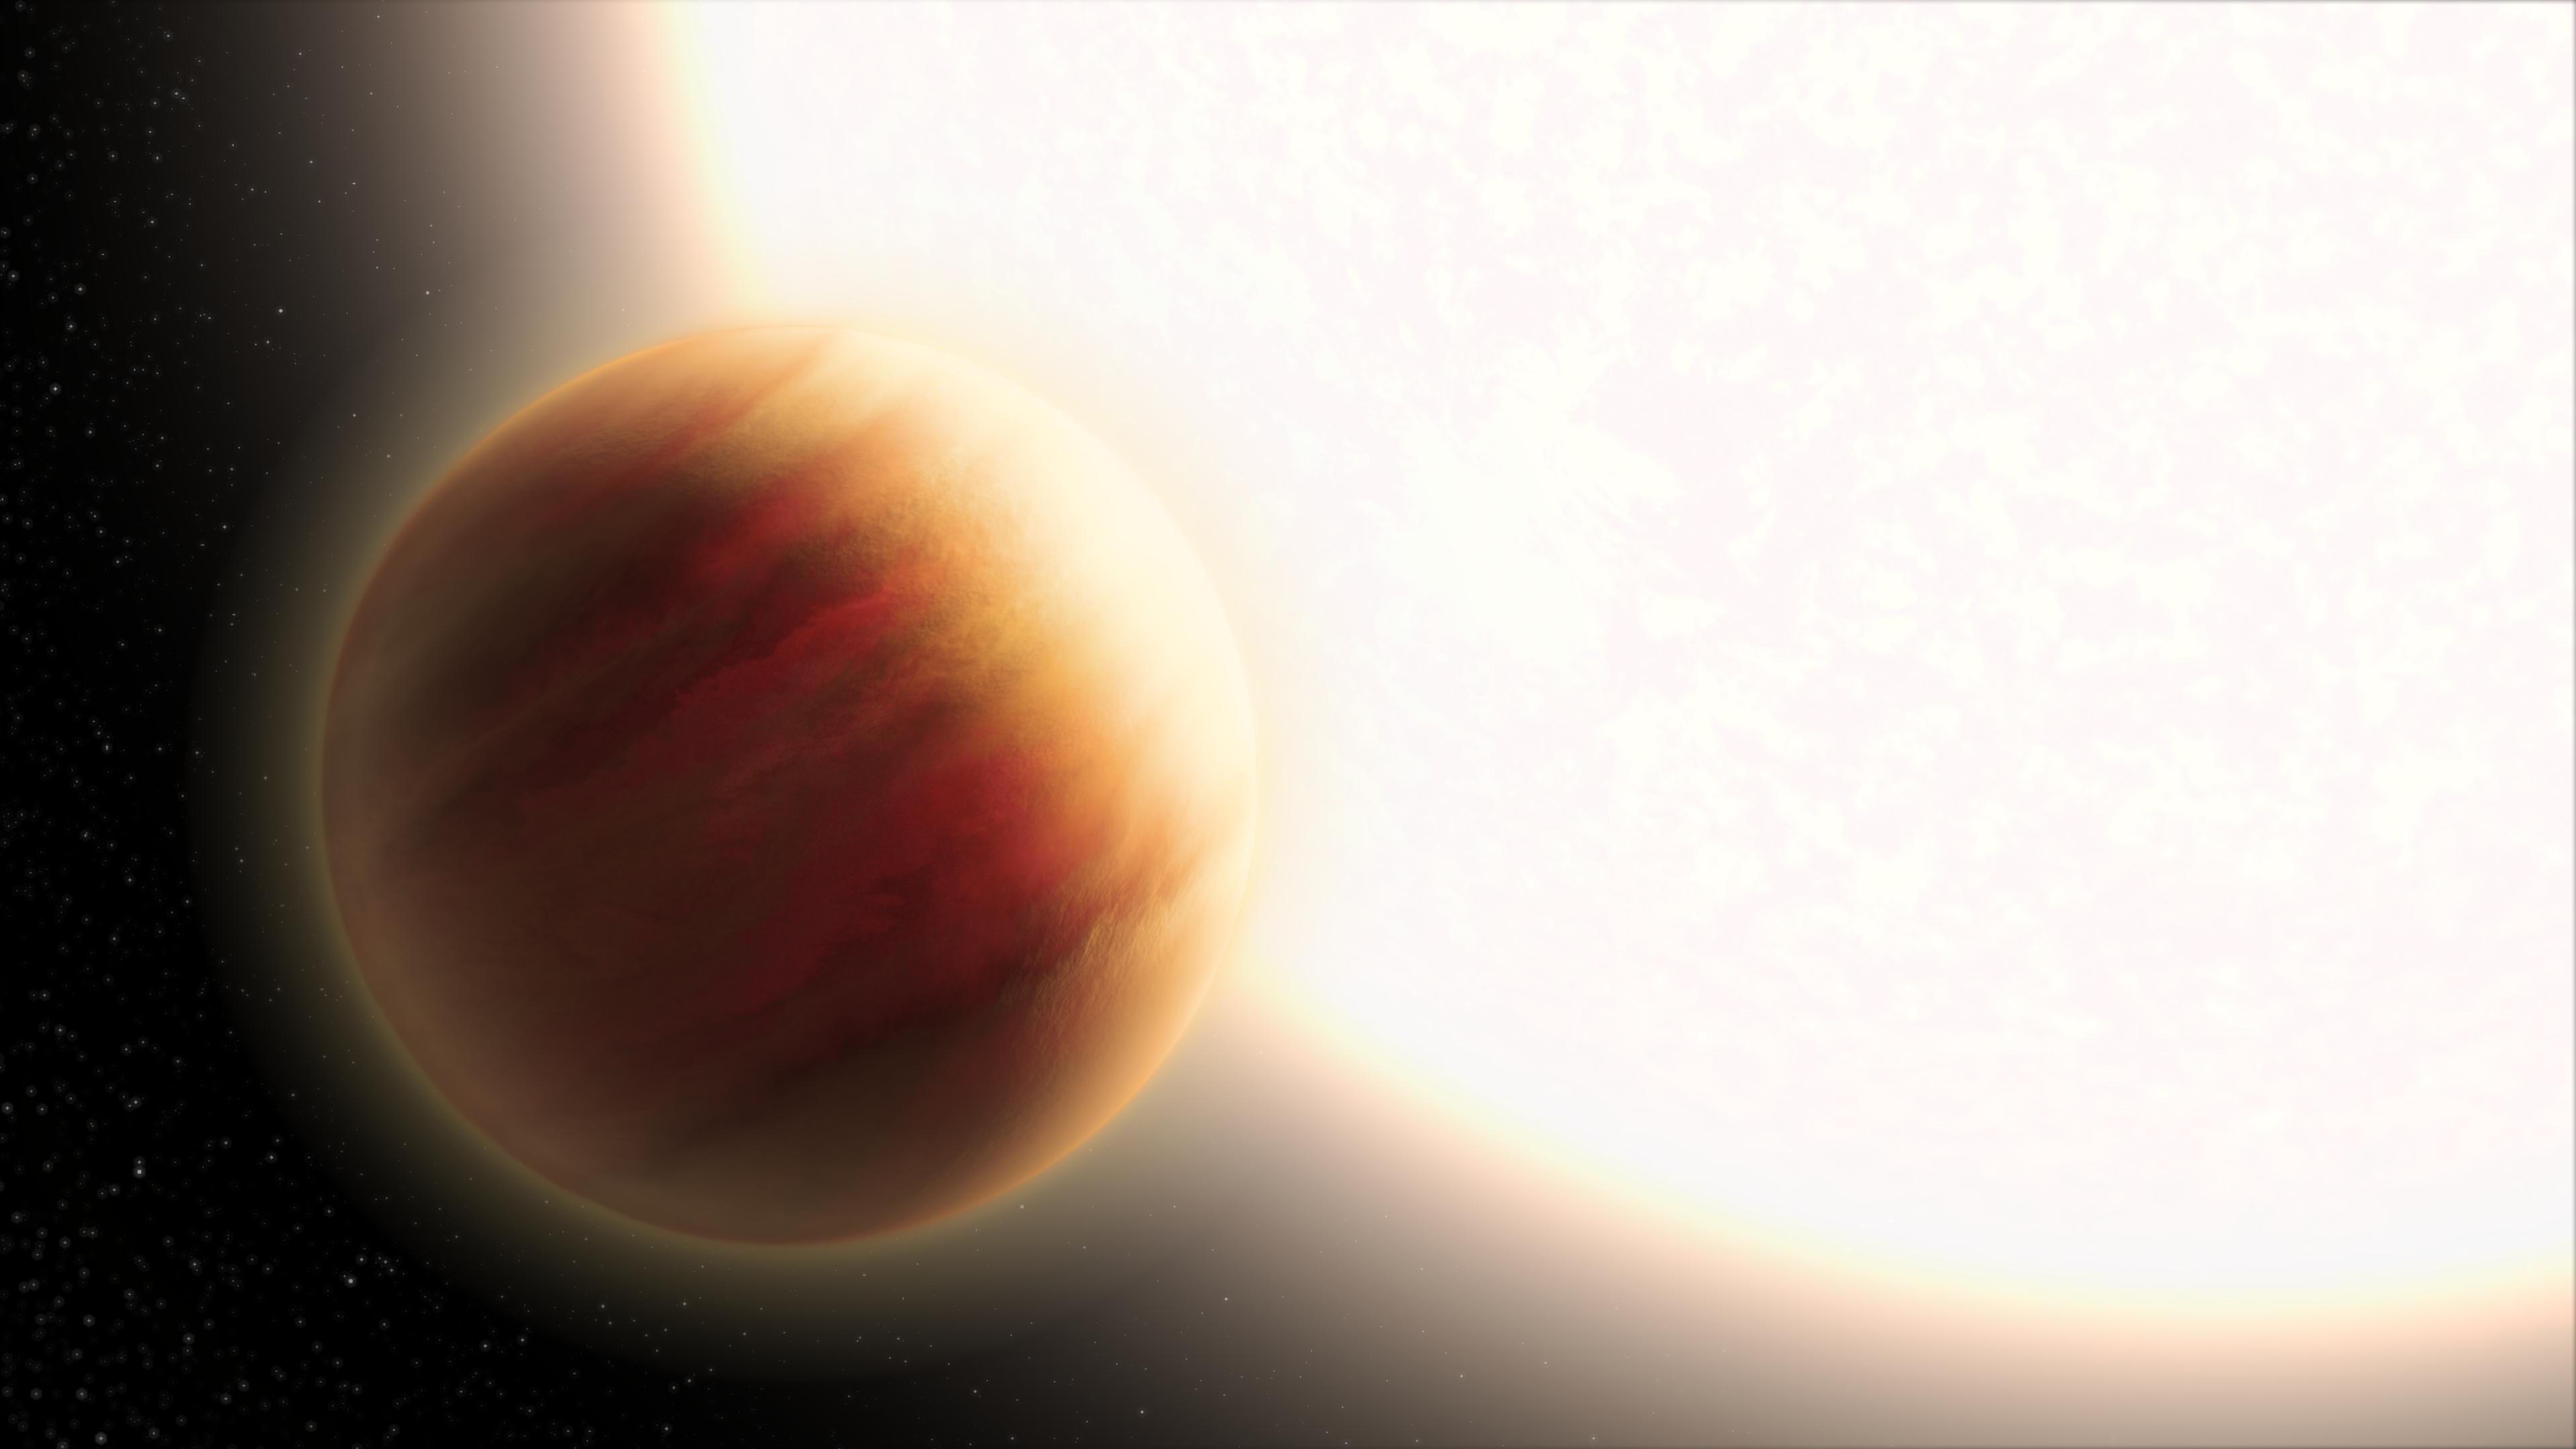 No Blue Skies for Super-Hot Planet WASP-79b | NASA